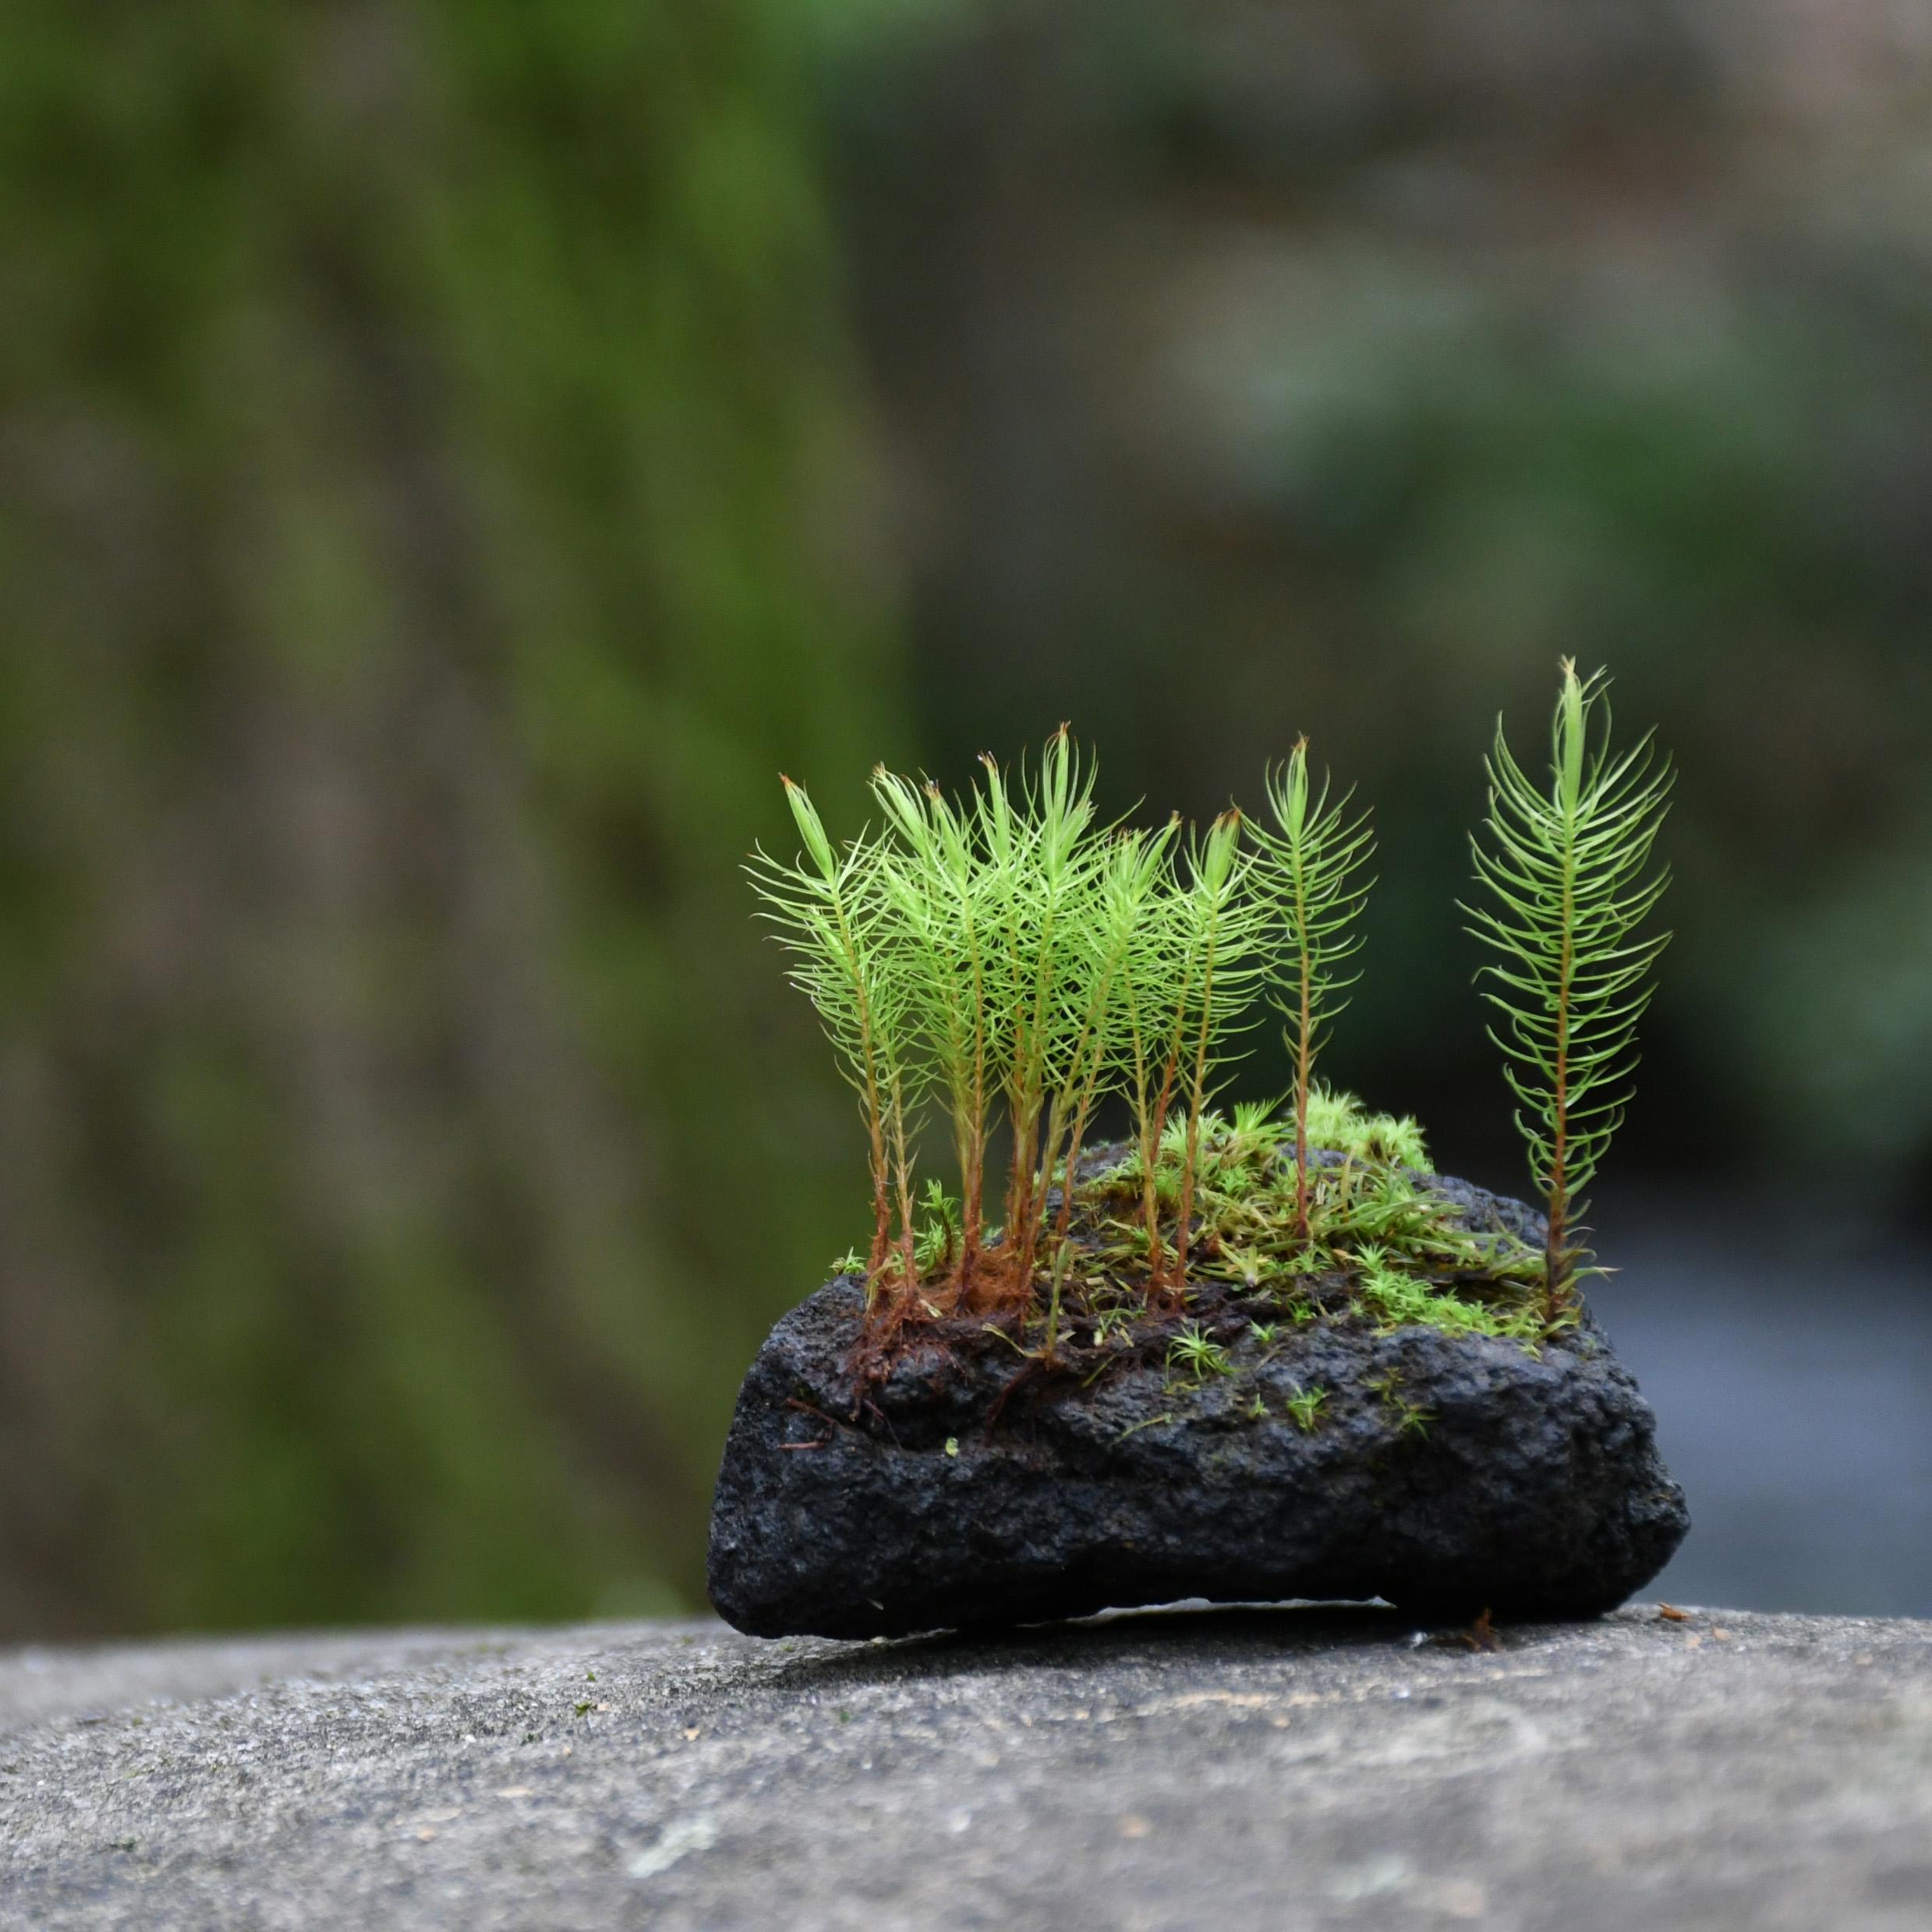 溶岩石着生苔石